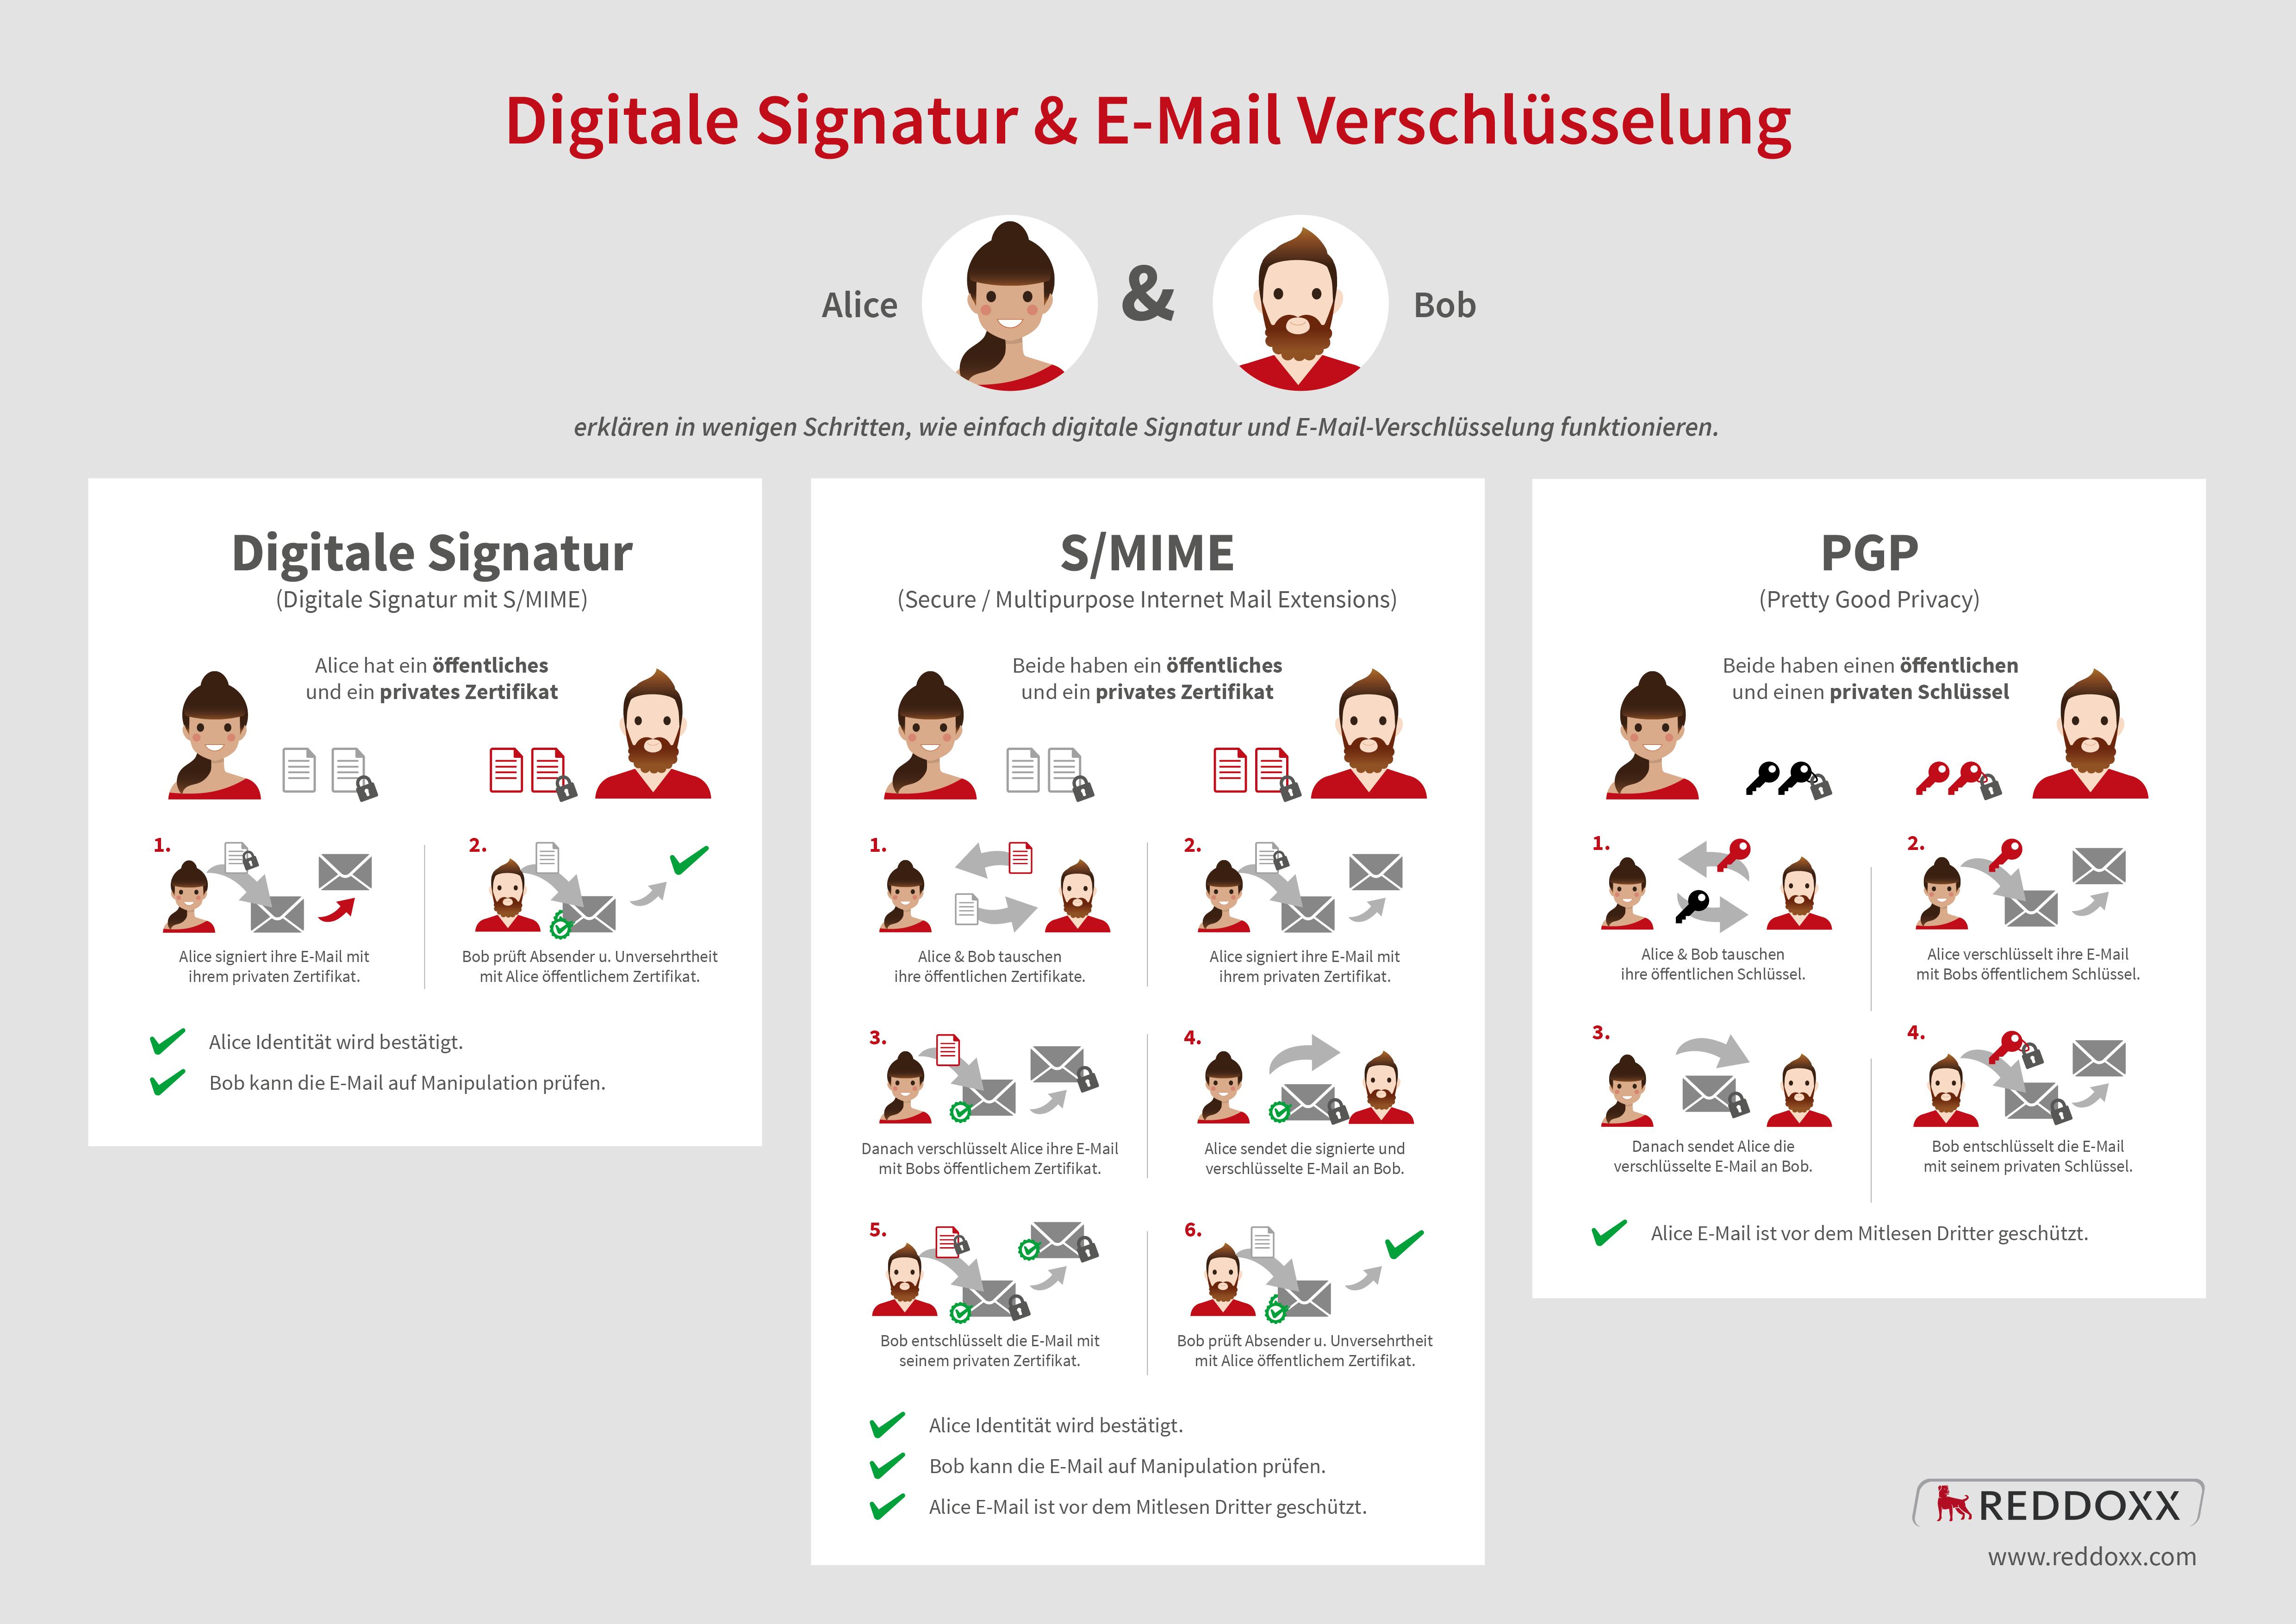 Infografik E-Mailverschlüsselung und digitale Signatur mit S/MIME und PGP